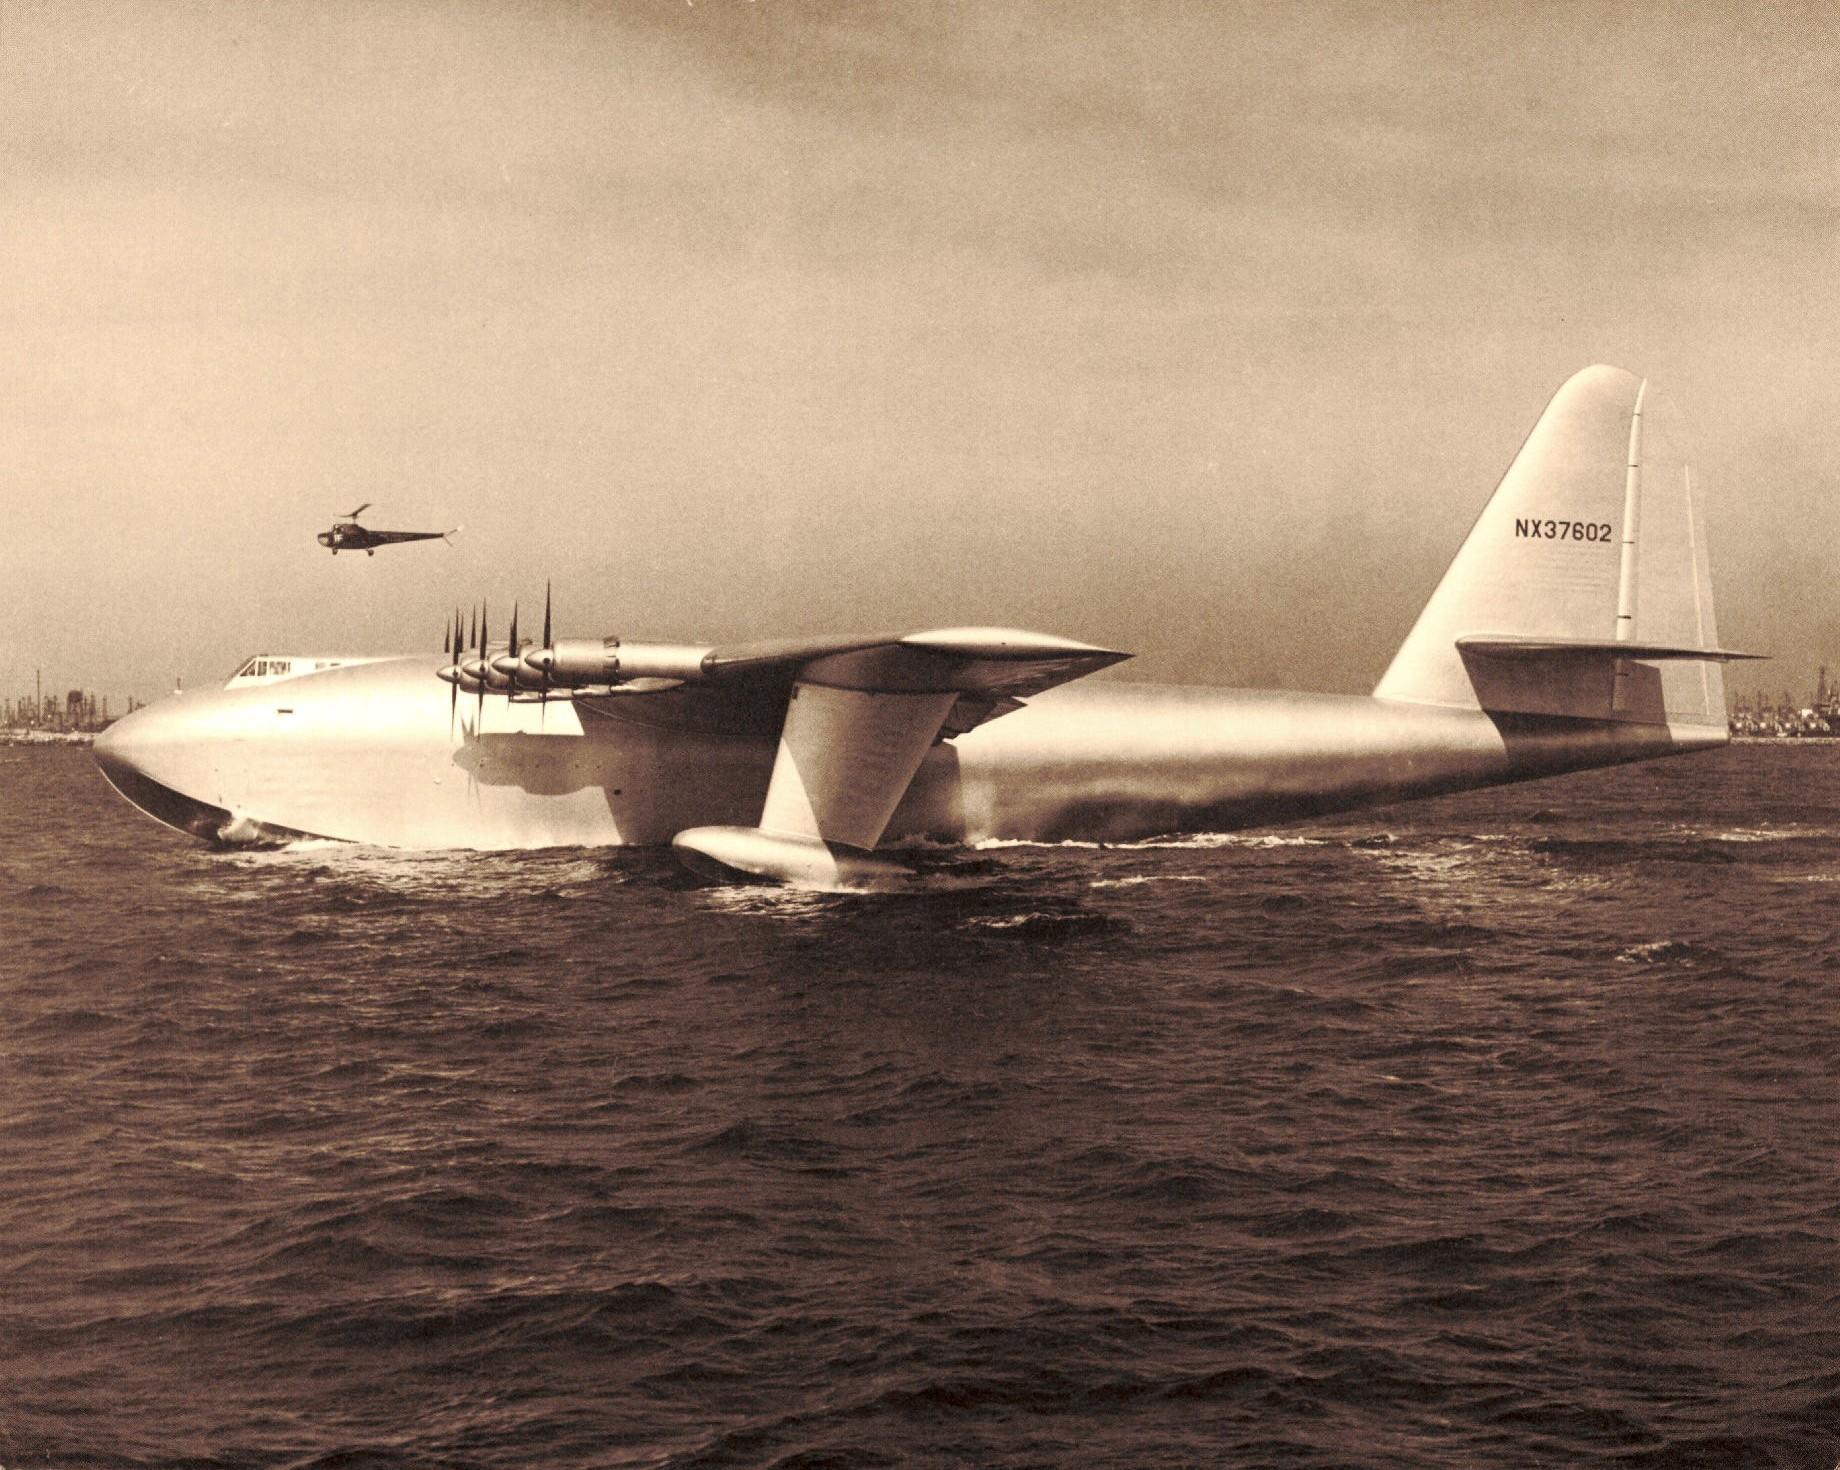 H-4_Hercules_2.jpg